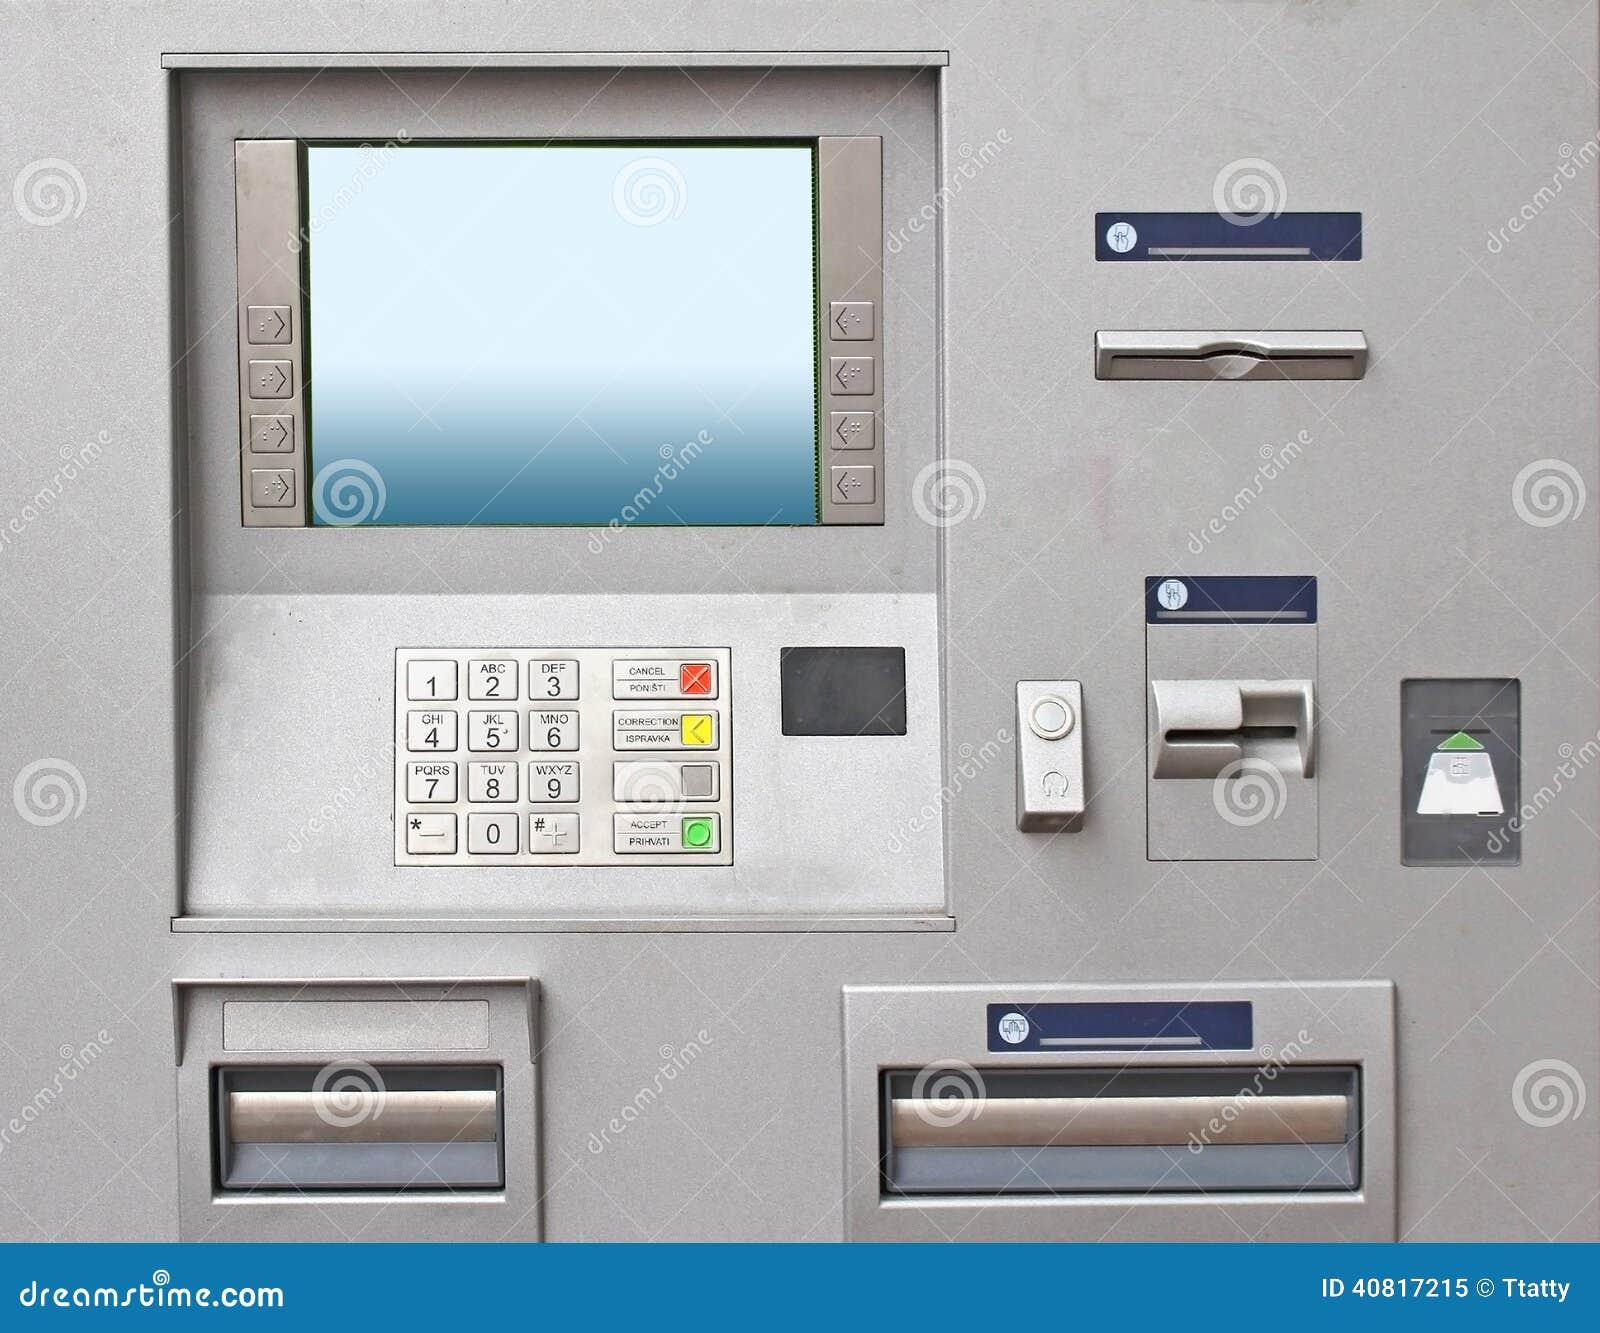 Cajero autom tico foto de archivo imagen 40817215 for Como cobrar en un cajero automatico